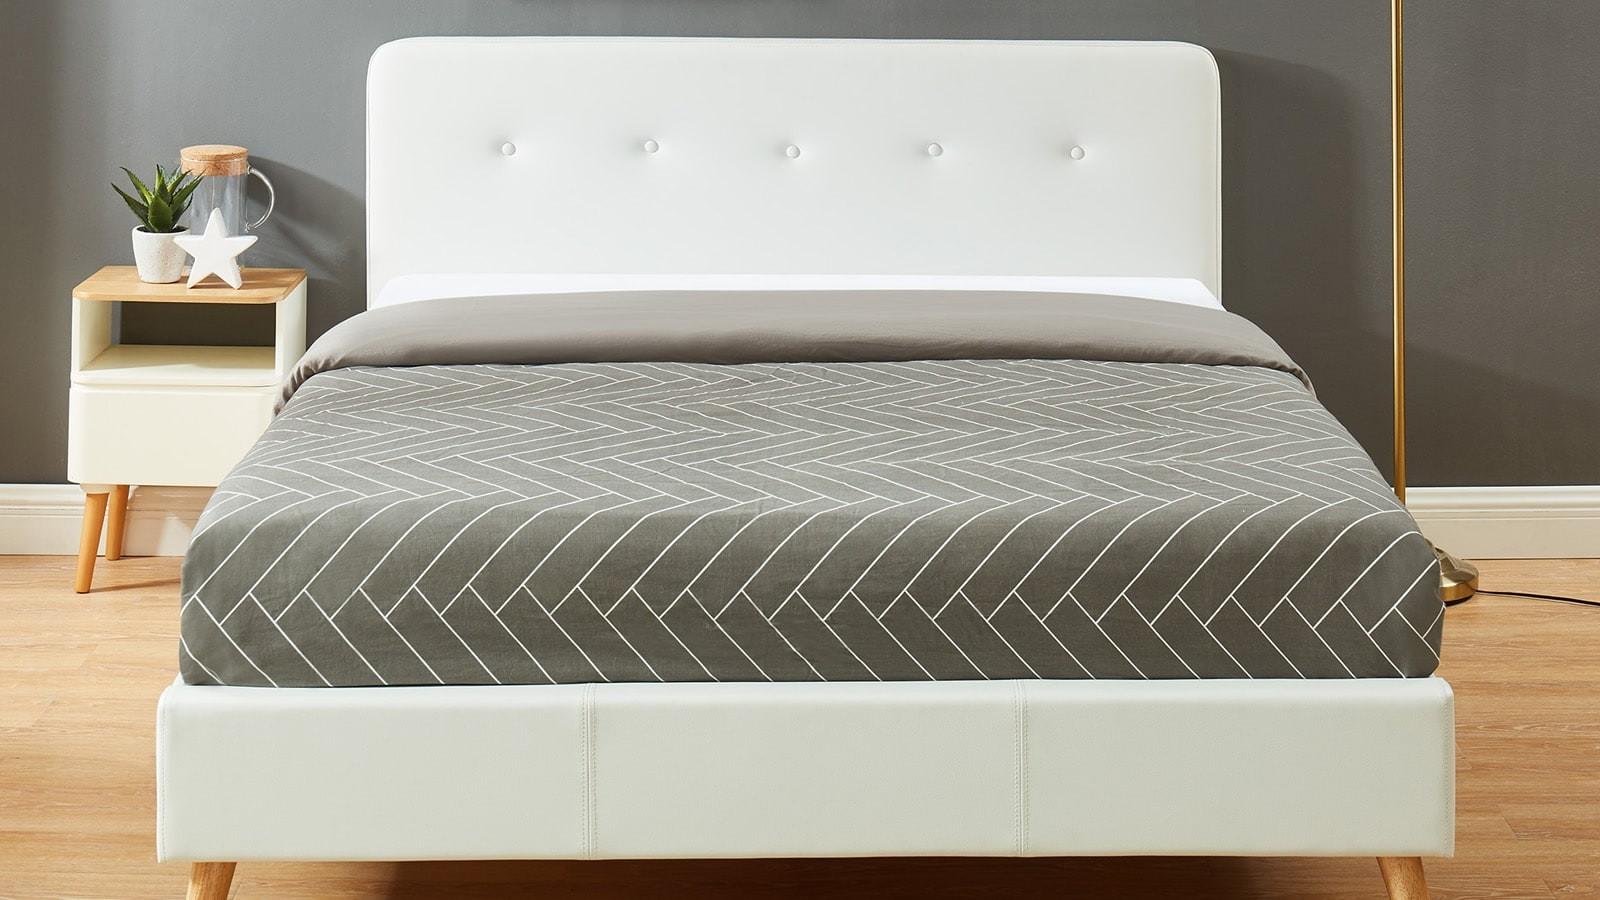 Lit Avec Tete De Lit Matelassé lit adulte avec tête de lit capitonnée en simili cuir blanc